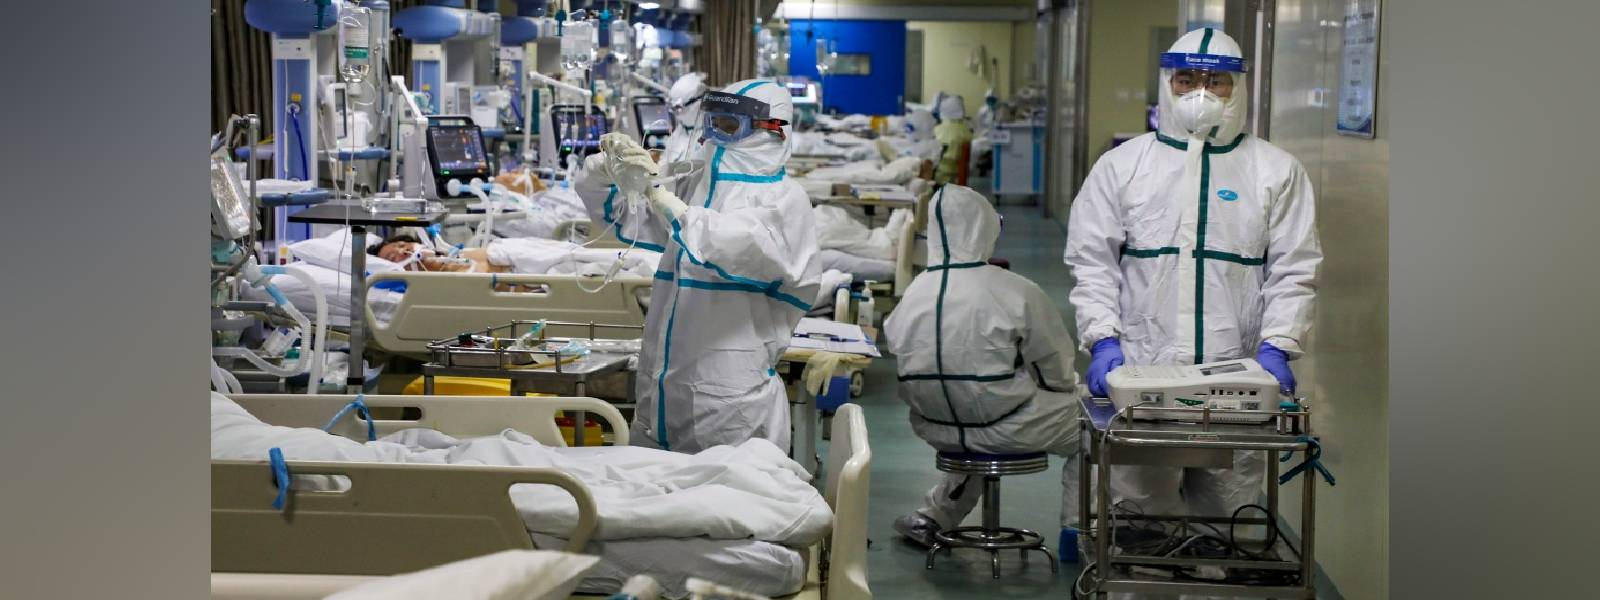 COVID-19: Capacity in hospitals reaching maximum level